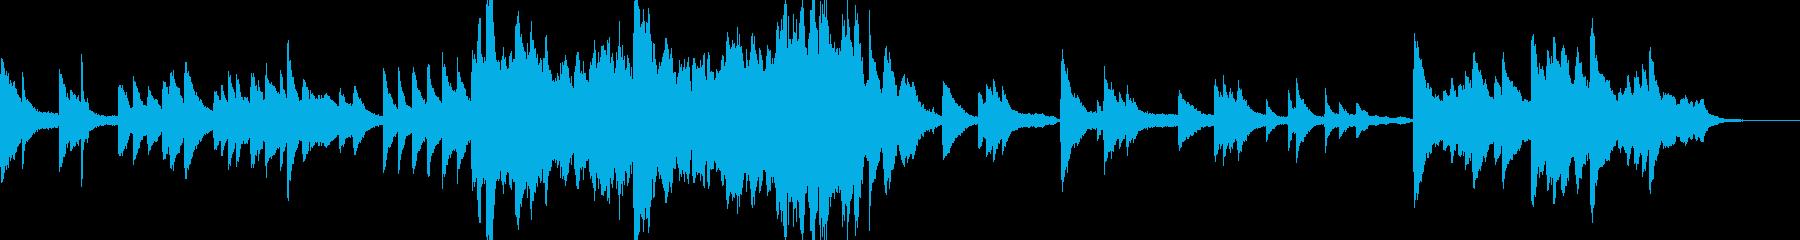 切ない旋律のバラードの再生済みの波形